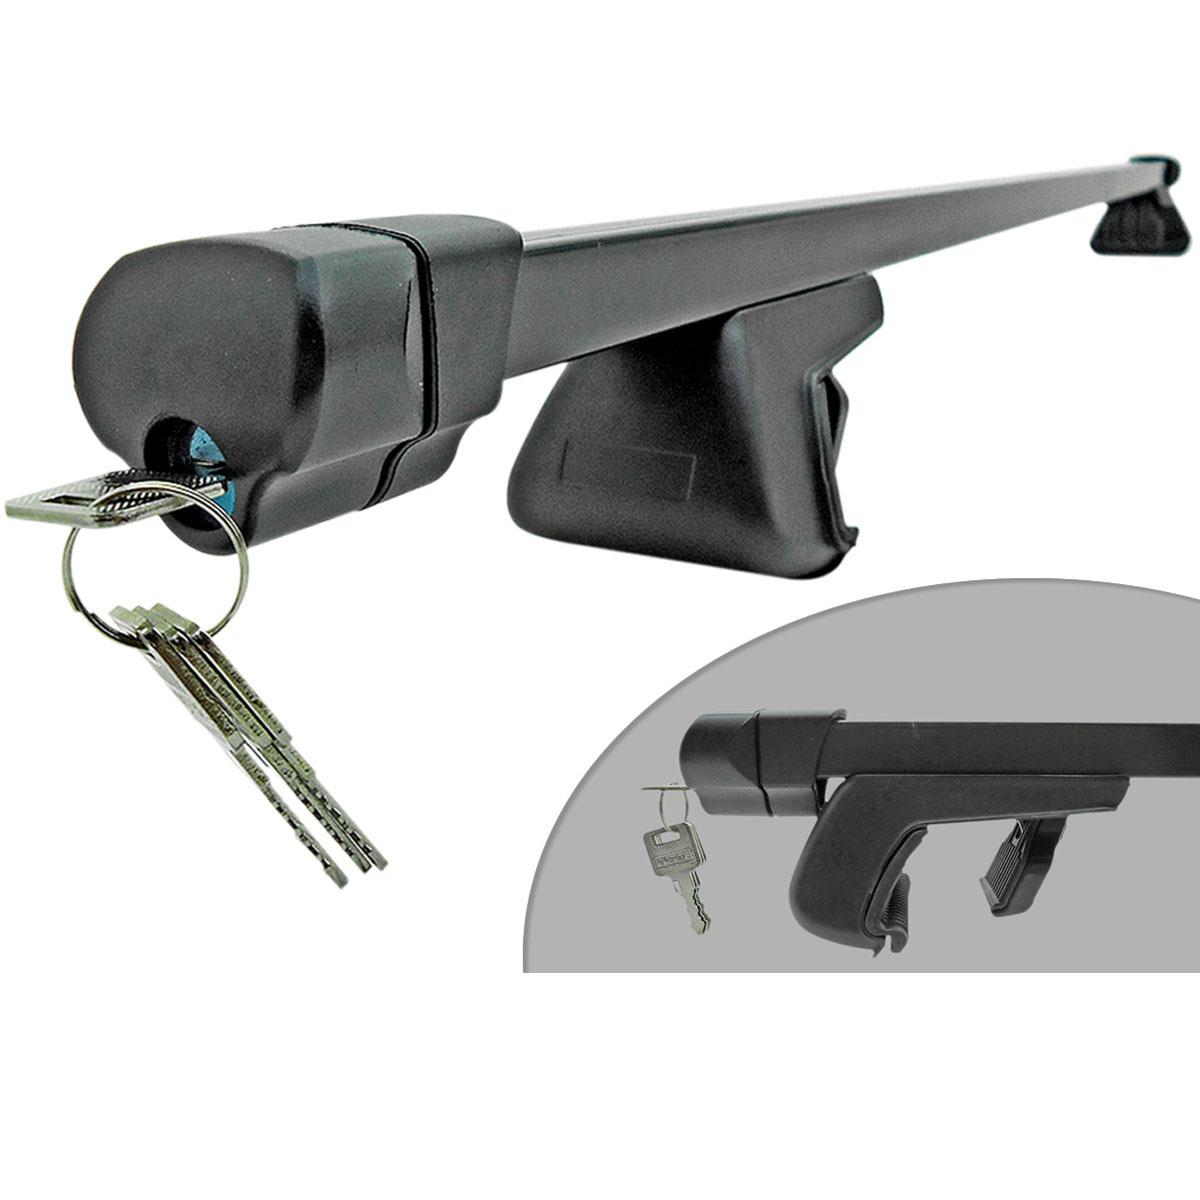 Travessa rack de teto preta com chave Saveiro 2010 a 2017 cabine estendida ou dupla